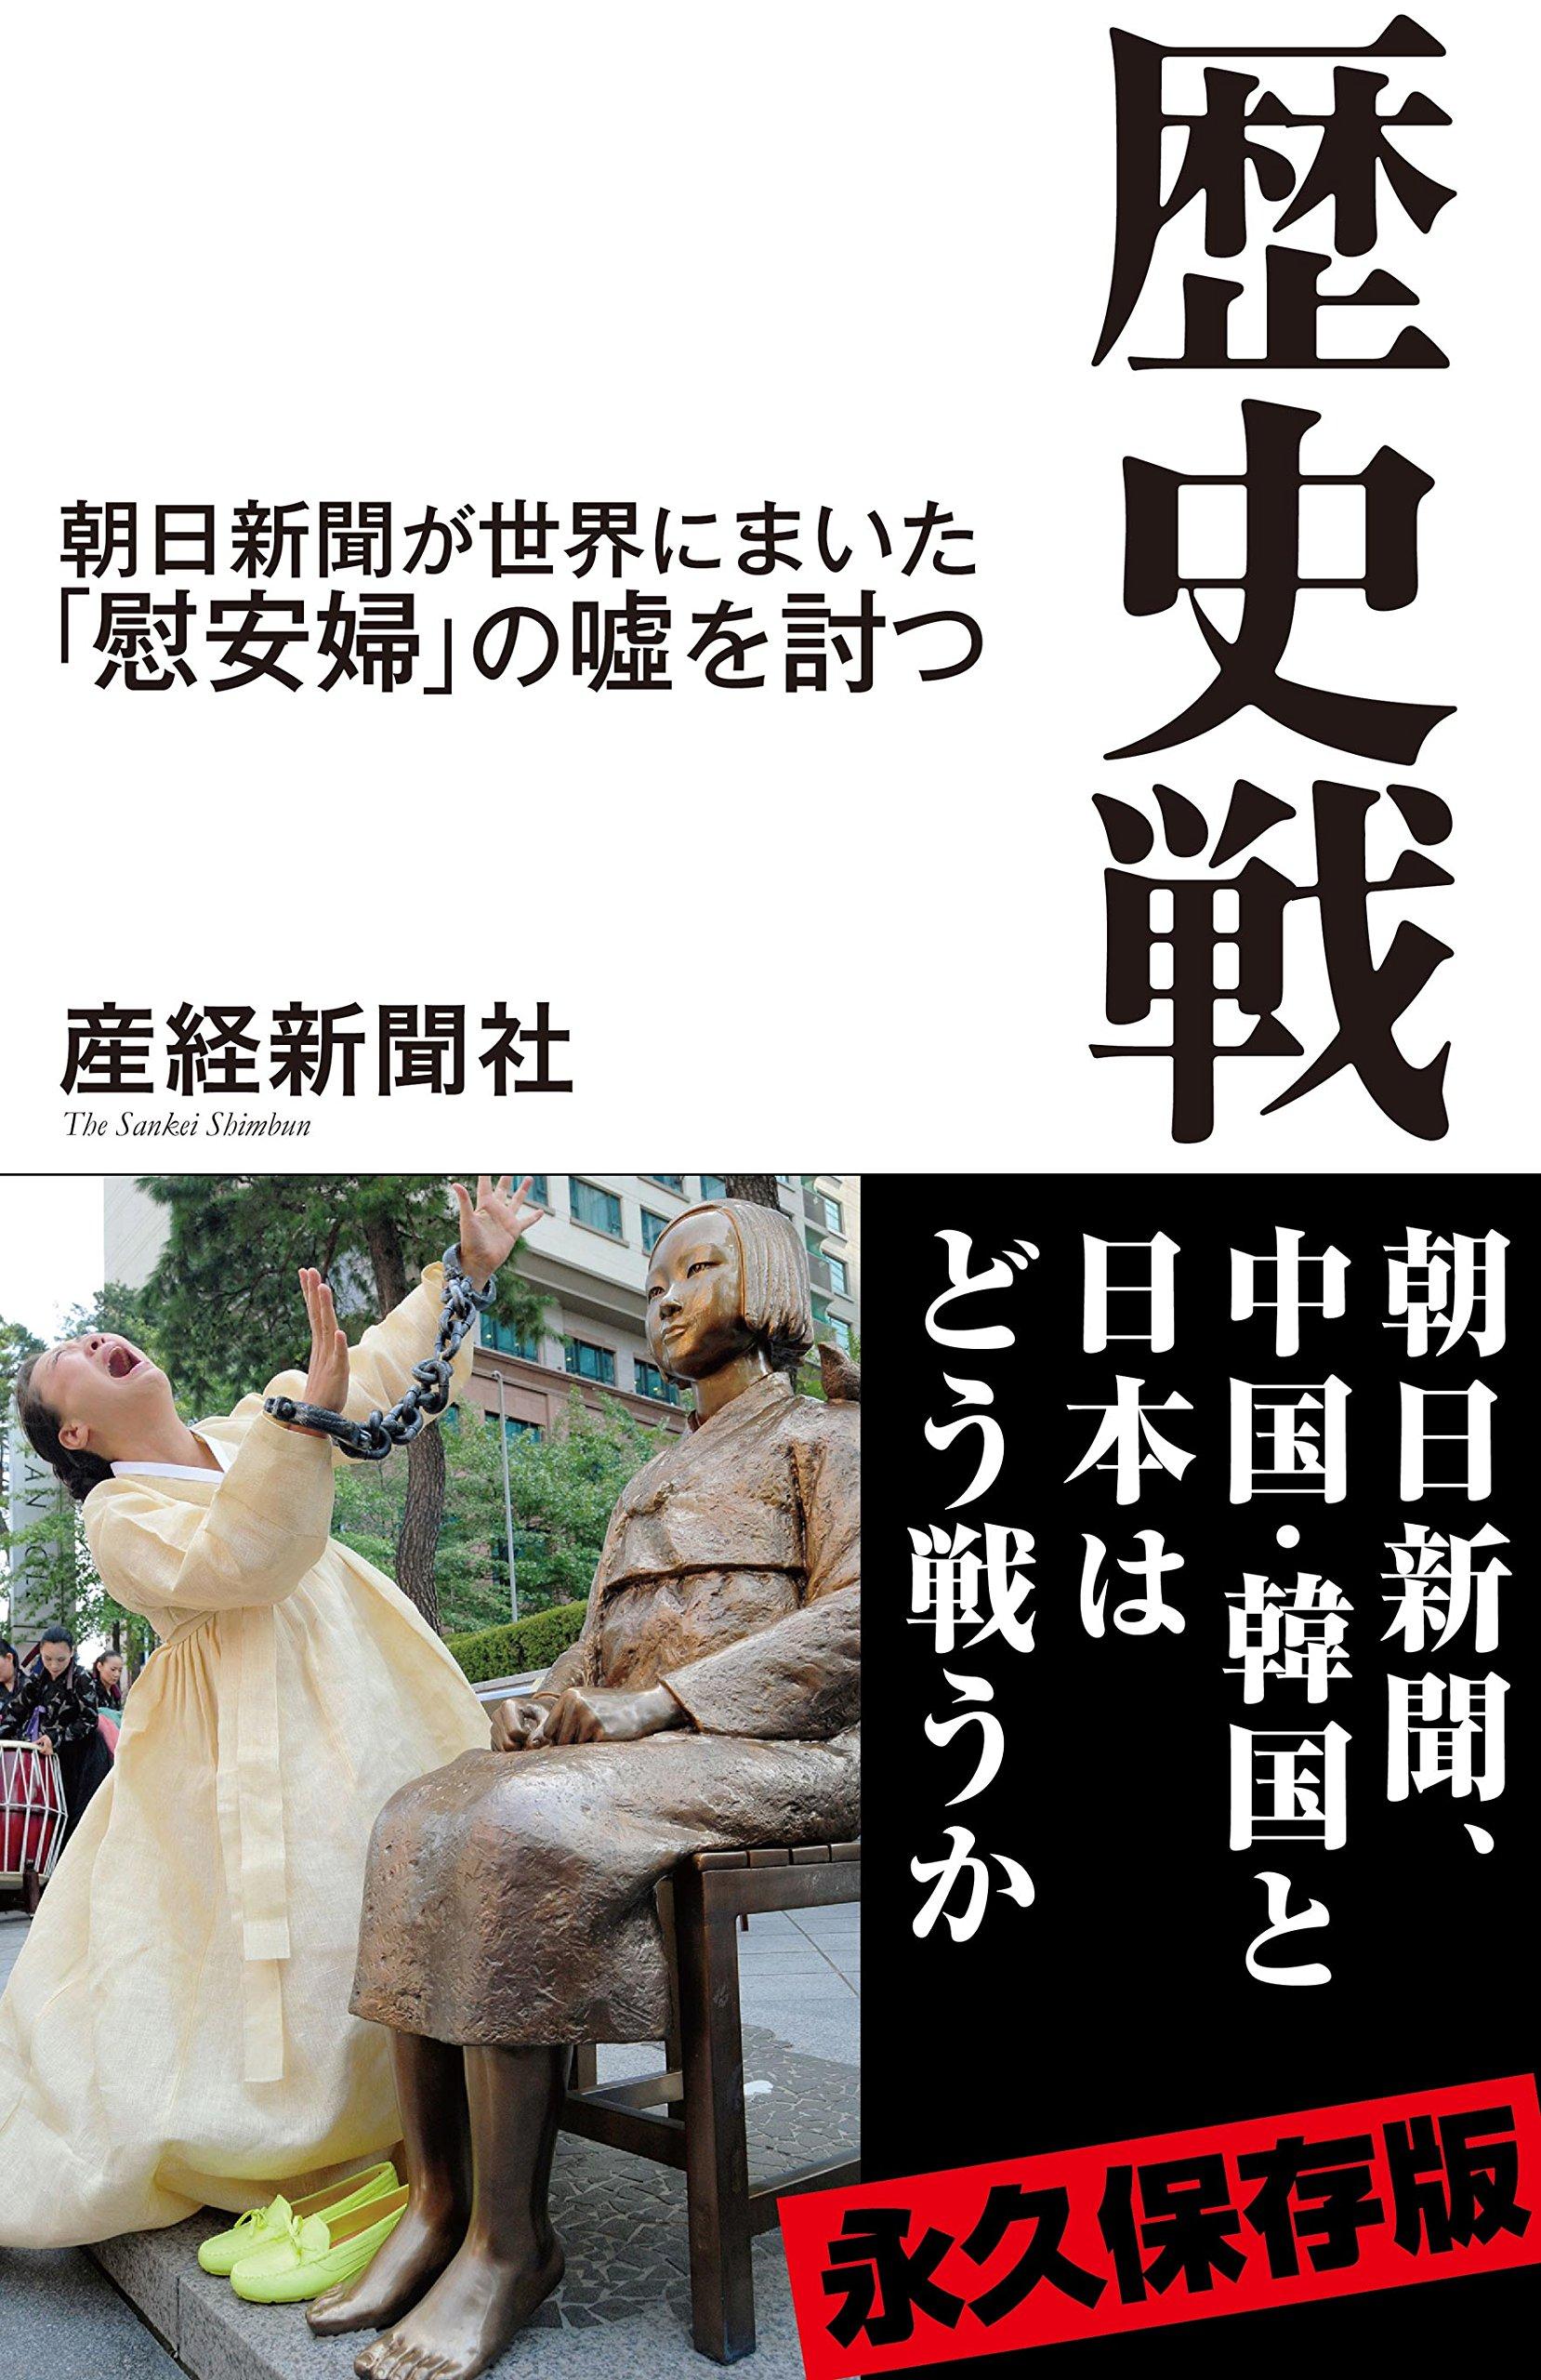 Rekishisen : Asahi shinbun ga sekai ni maita ianfu no uso o utsu. pdf epub